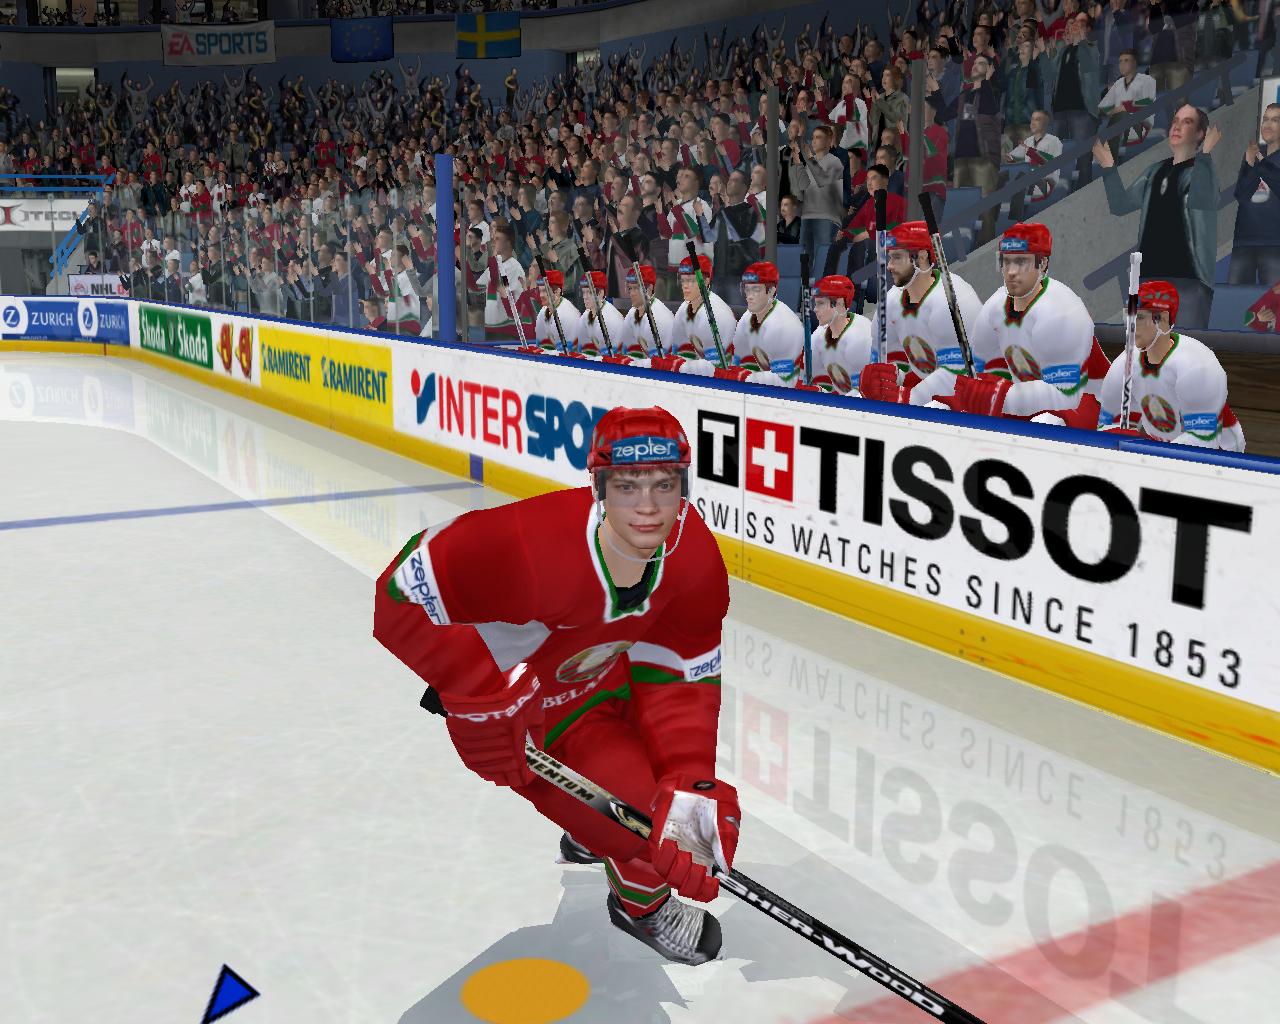 Скачать игру NHL 2 16 НХЛ бесплатно через торрент